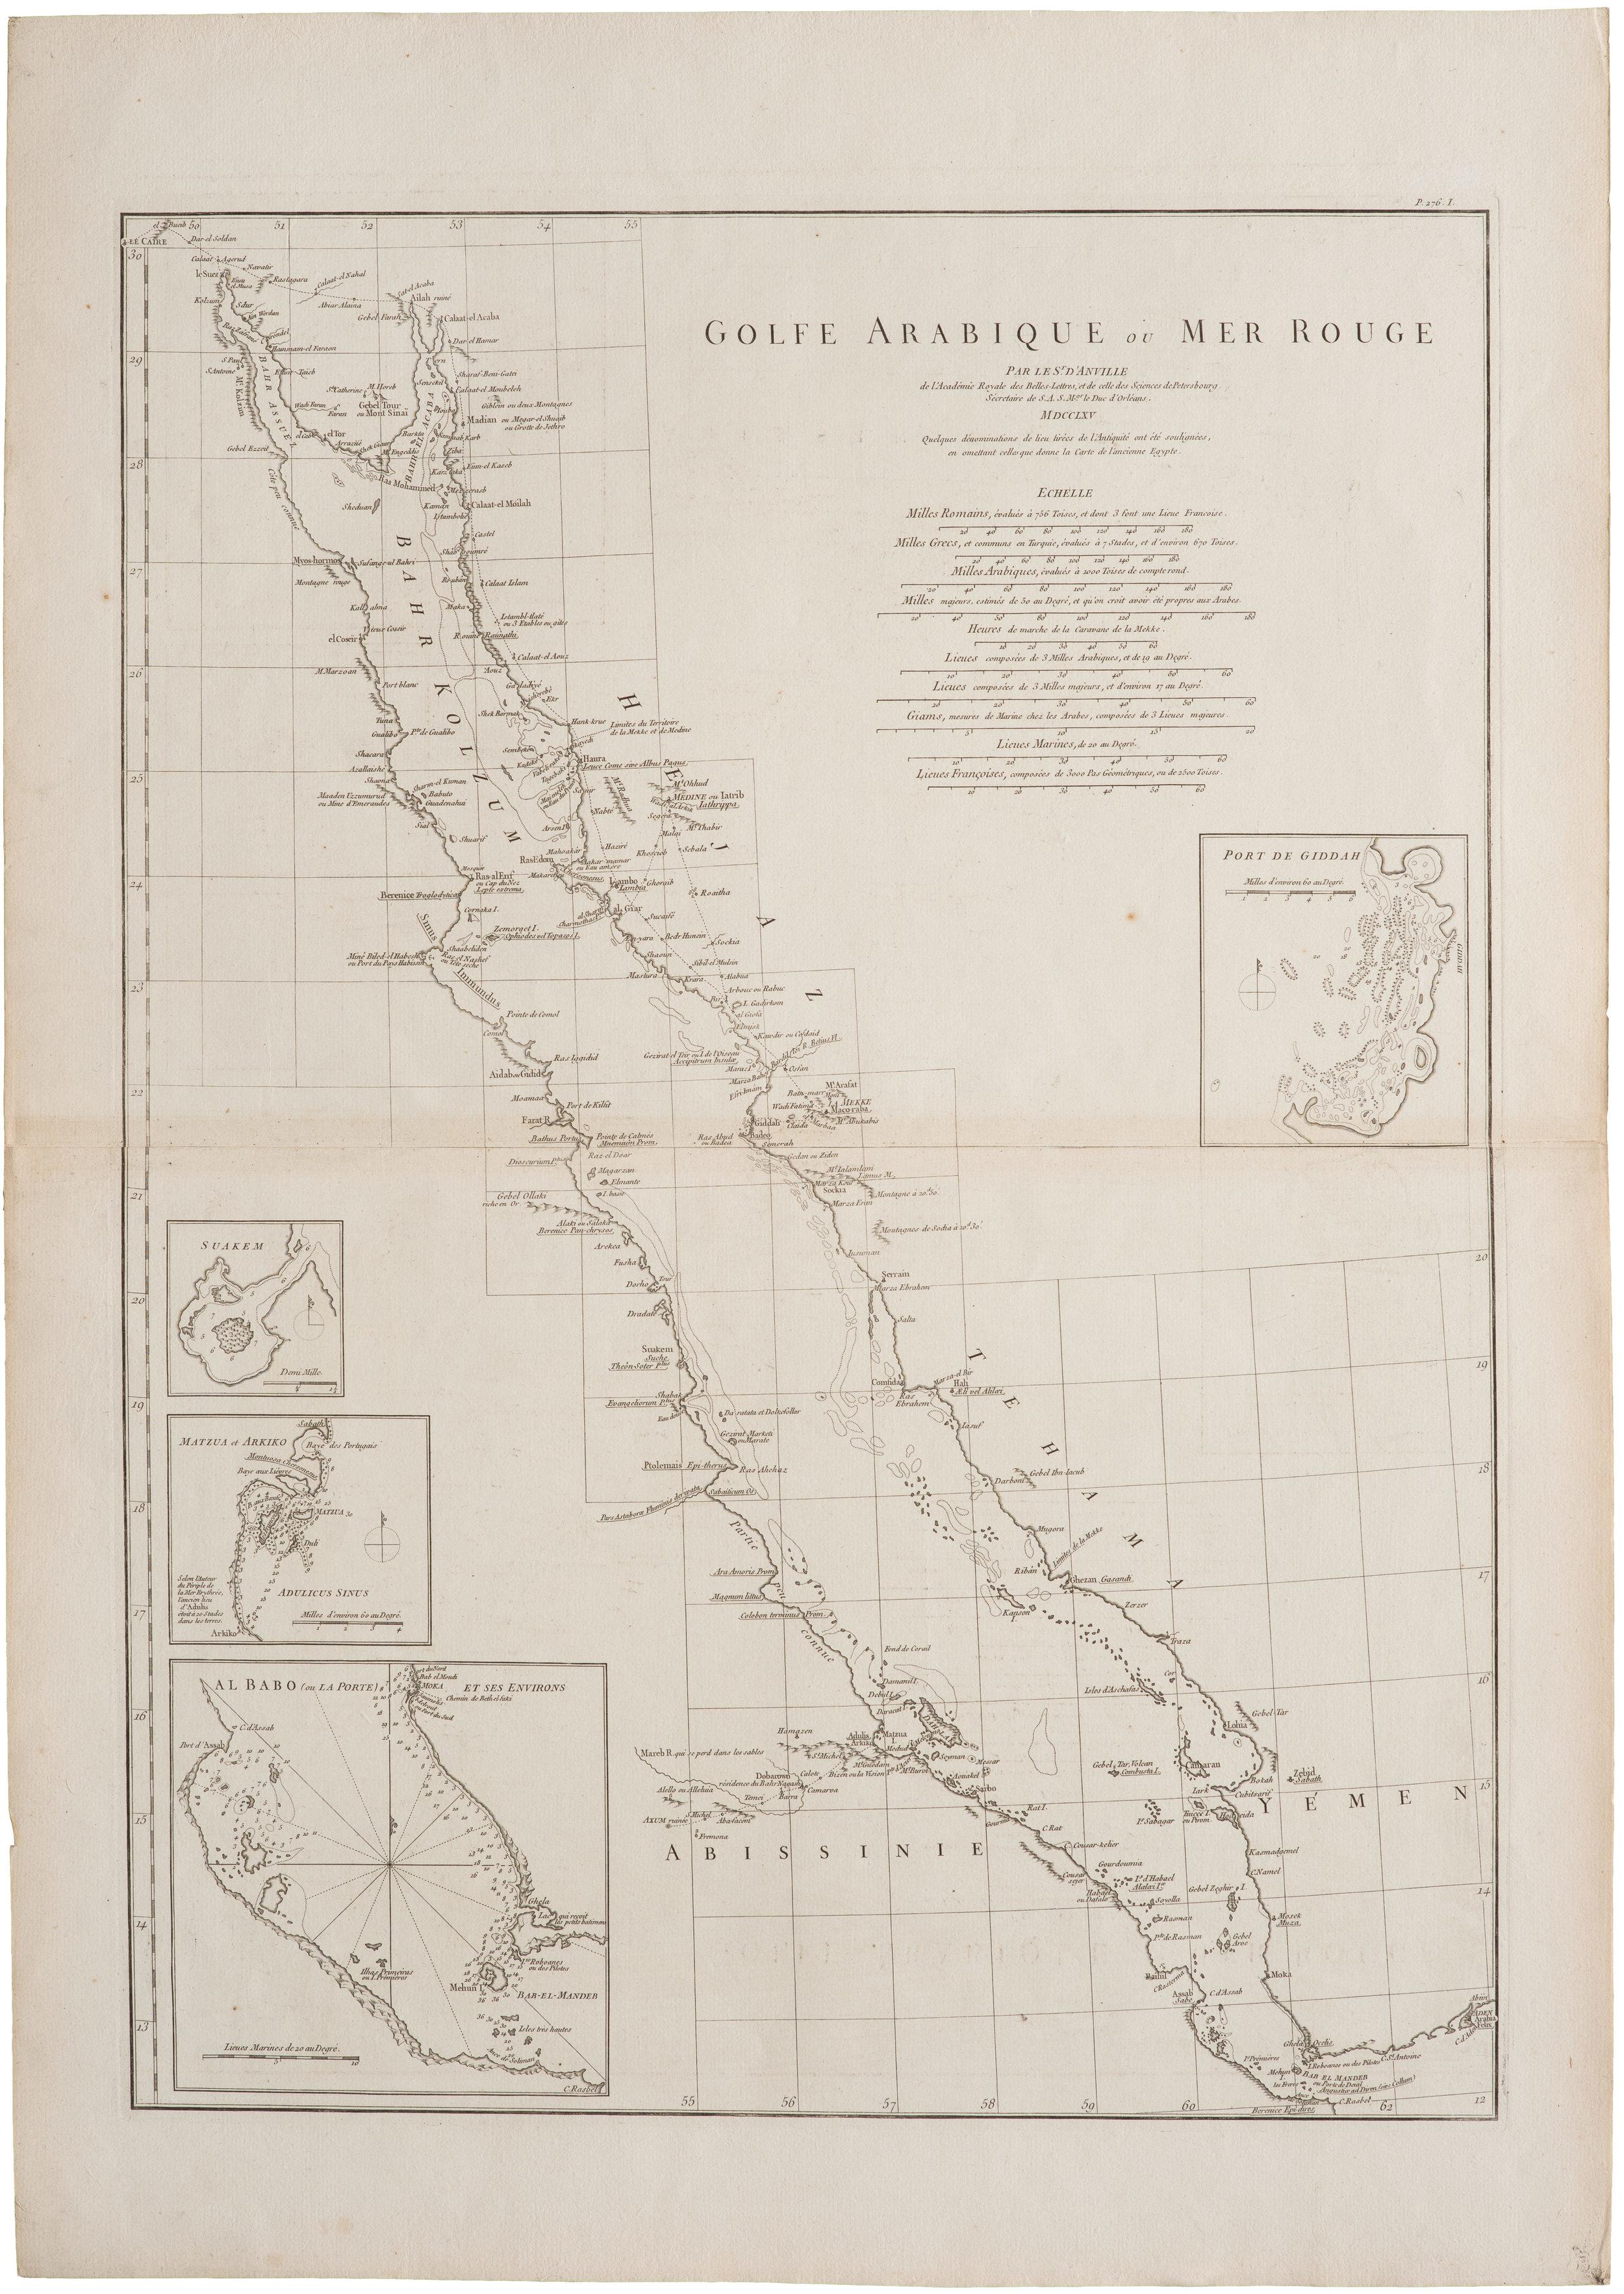 1765 - D'Anville